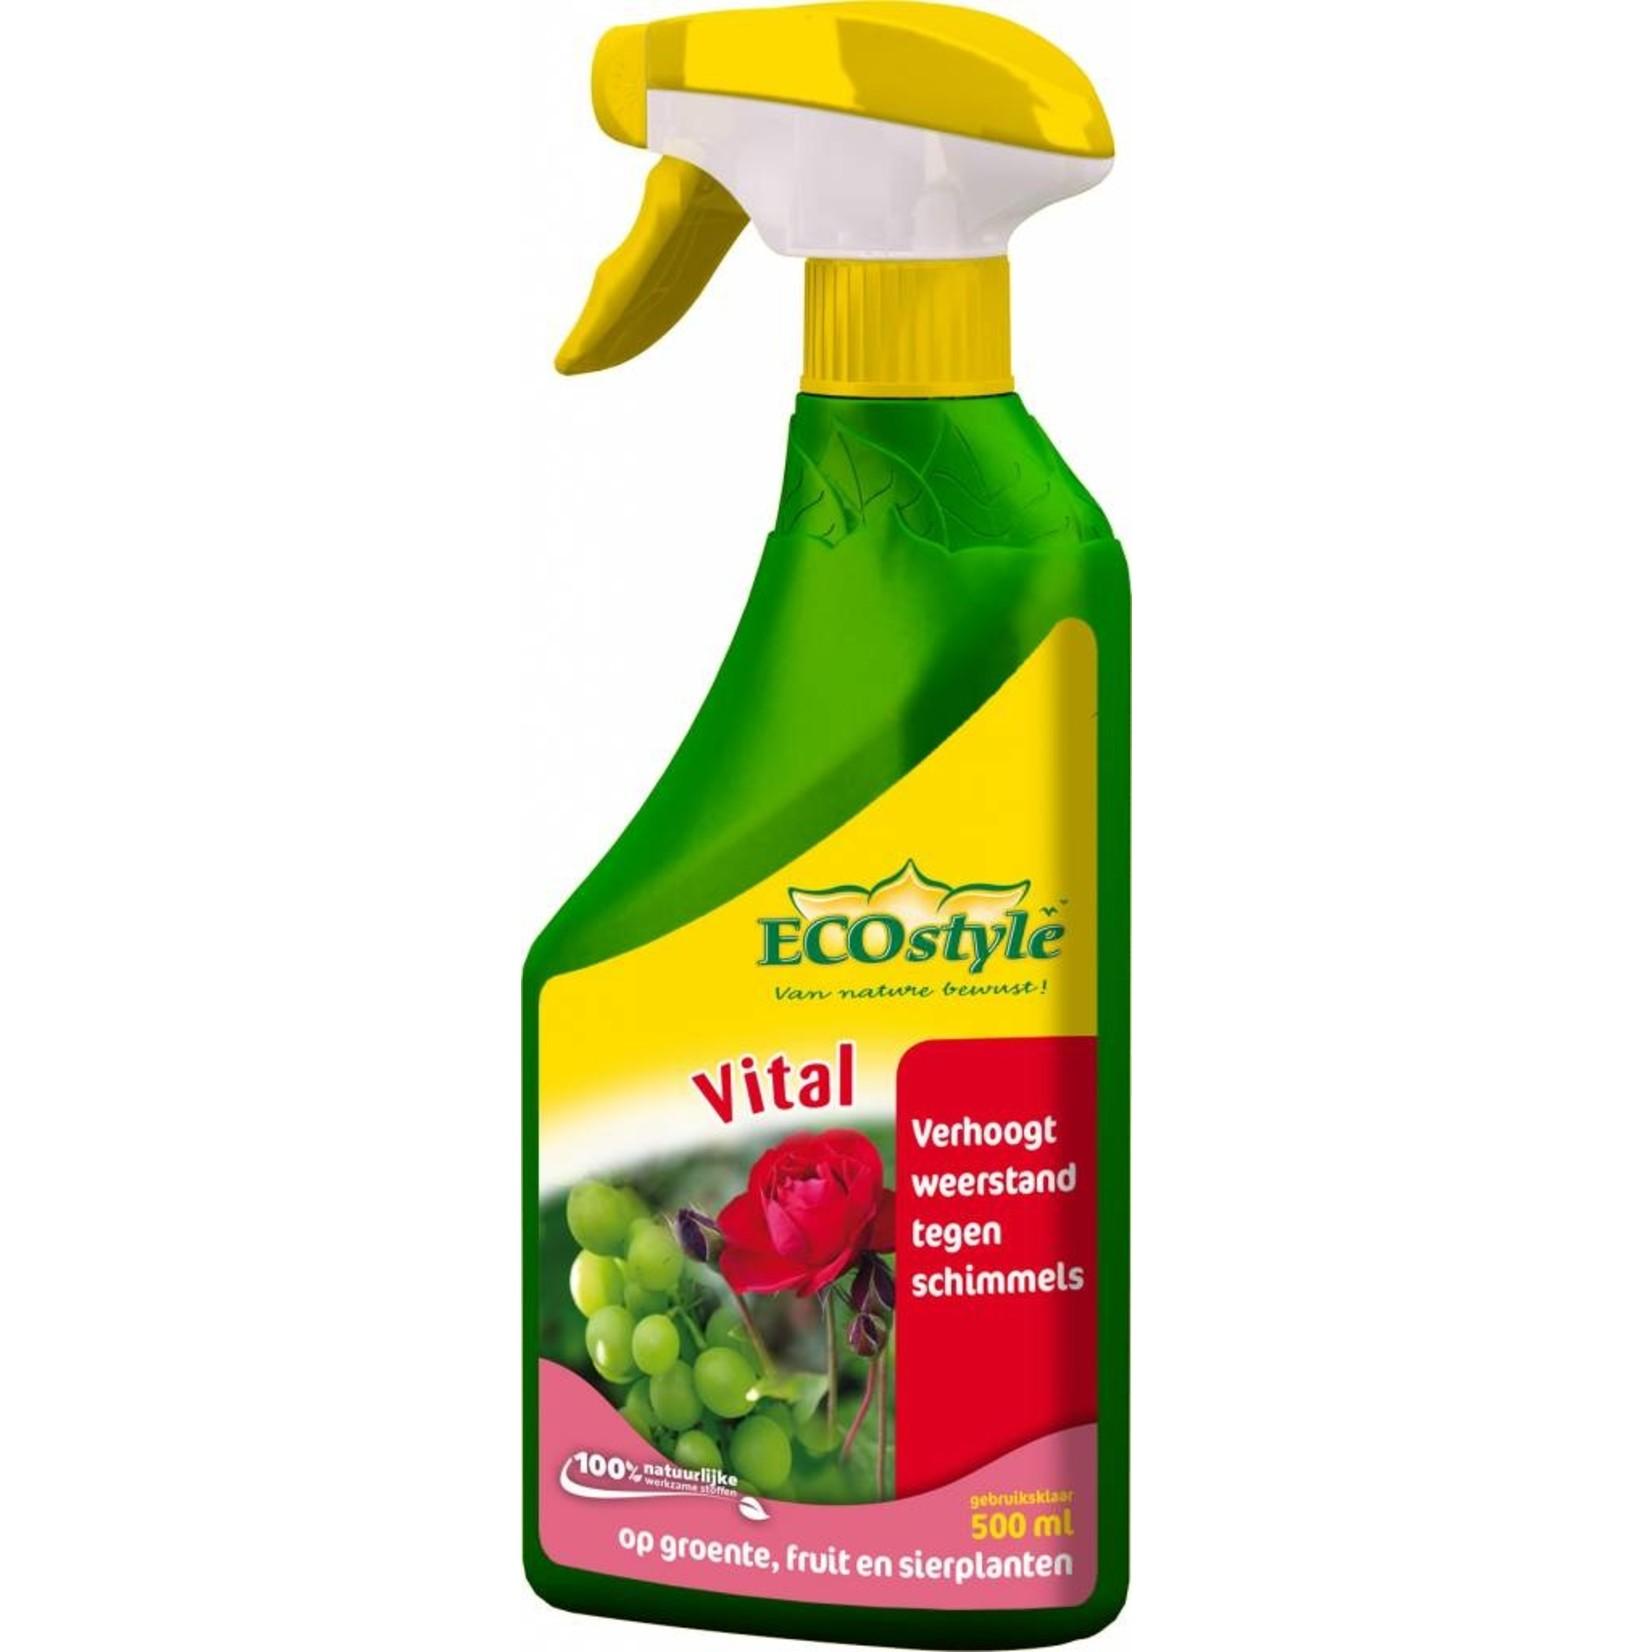 Ecostyle Vital 500 ml (gebruiksklaar)